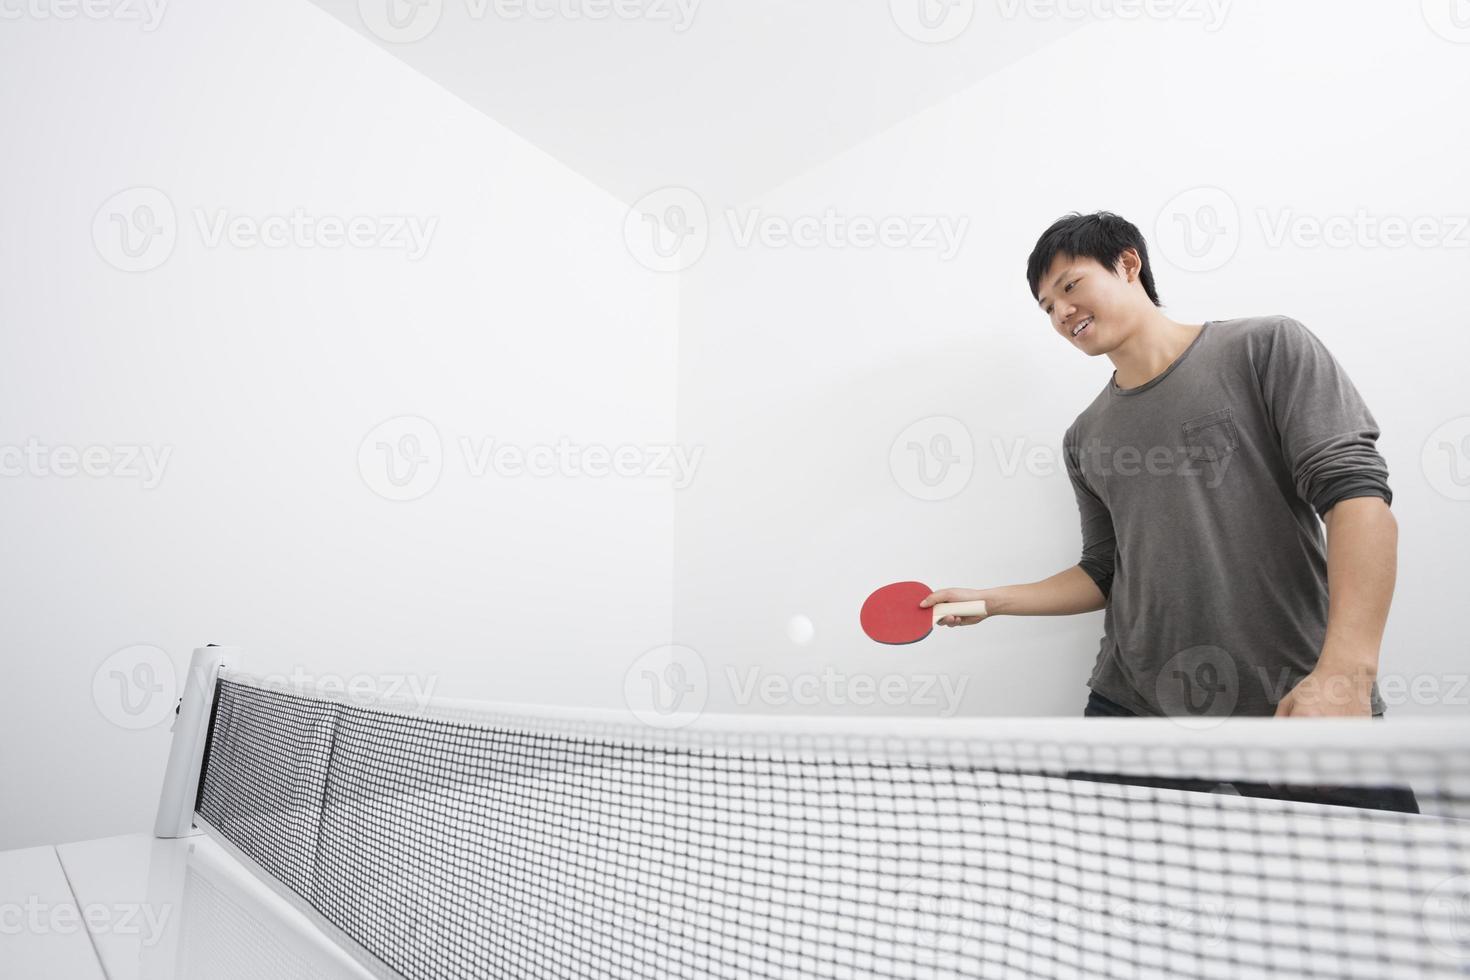 asiatique, mi homme adulte, jouer, ping-pong photo